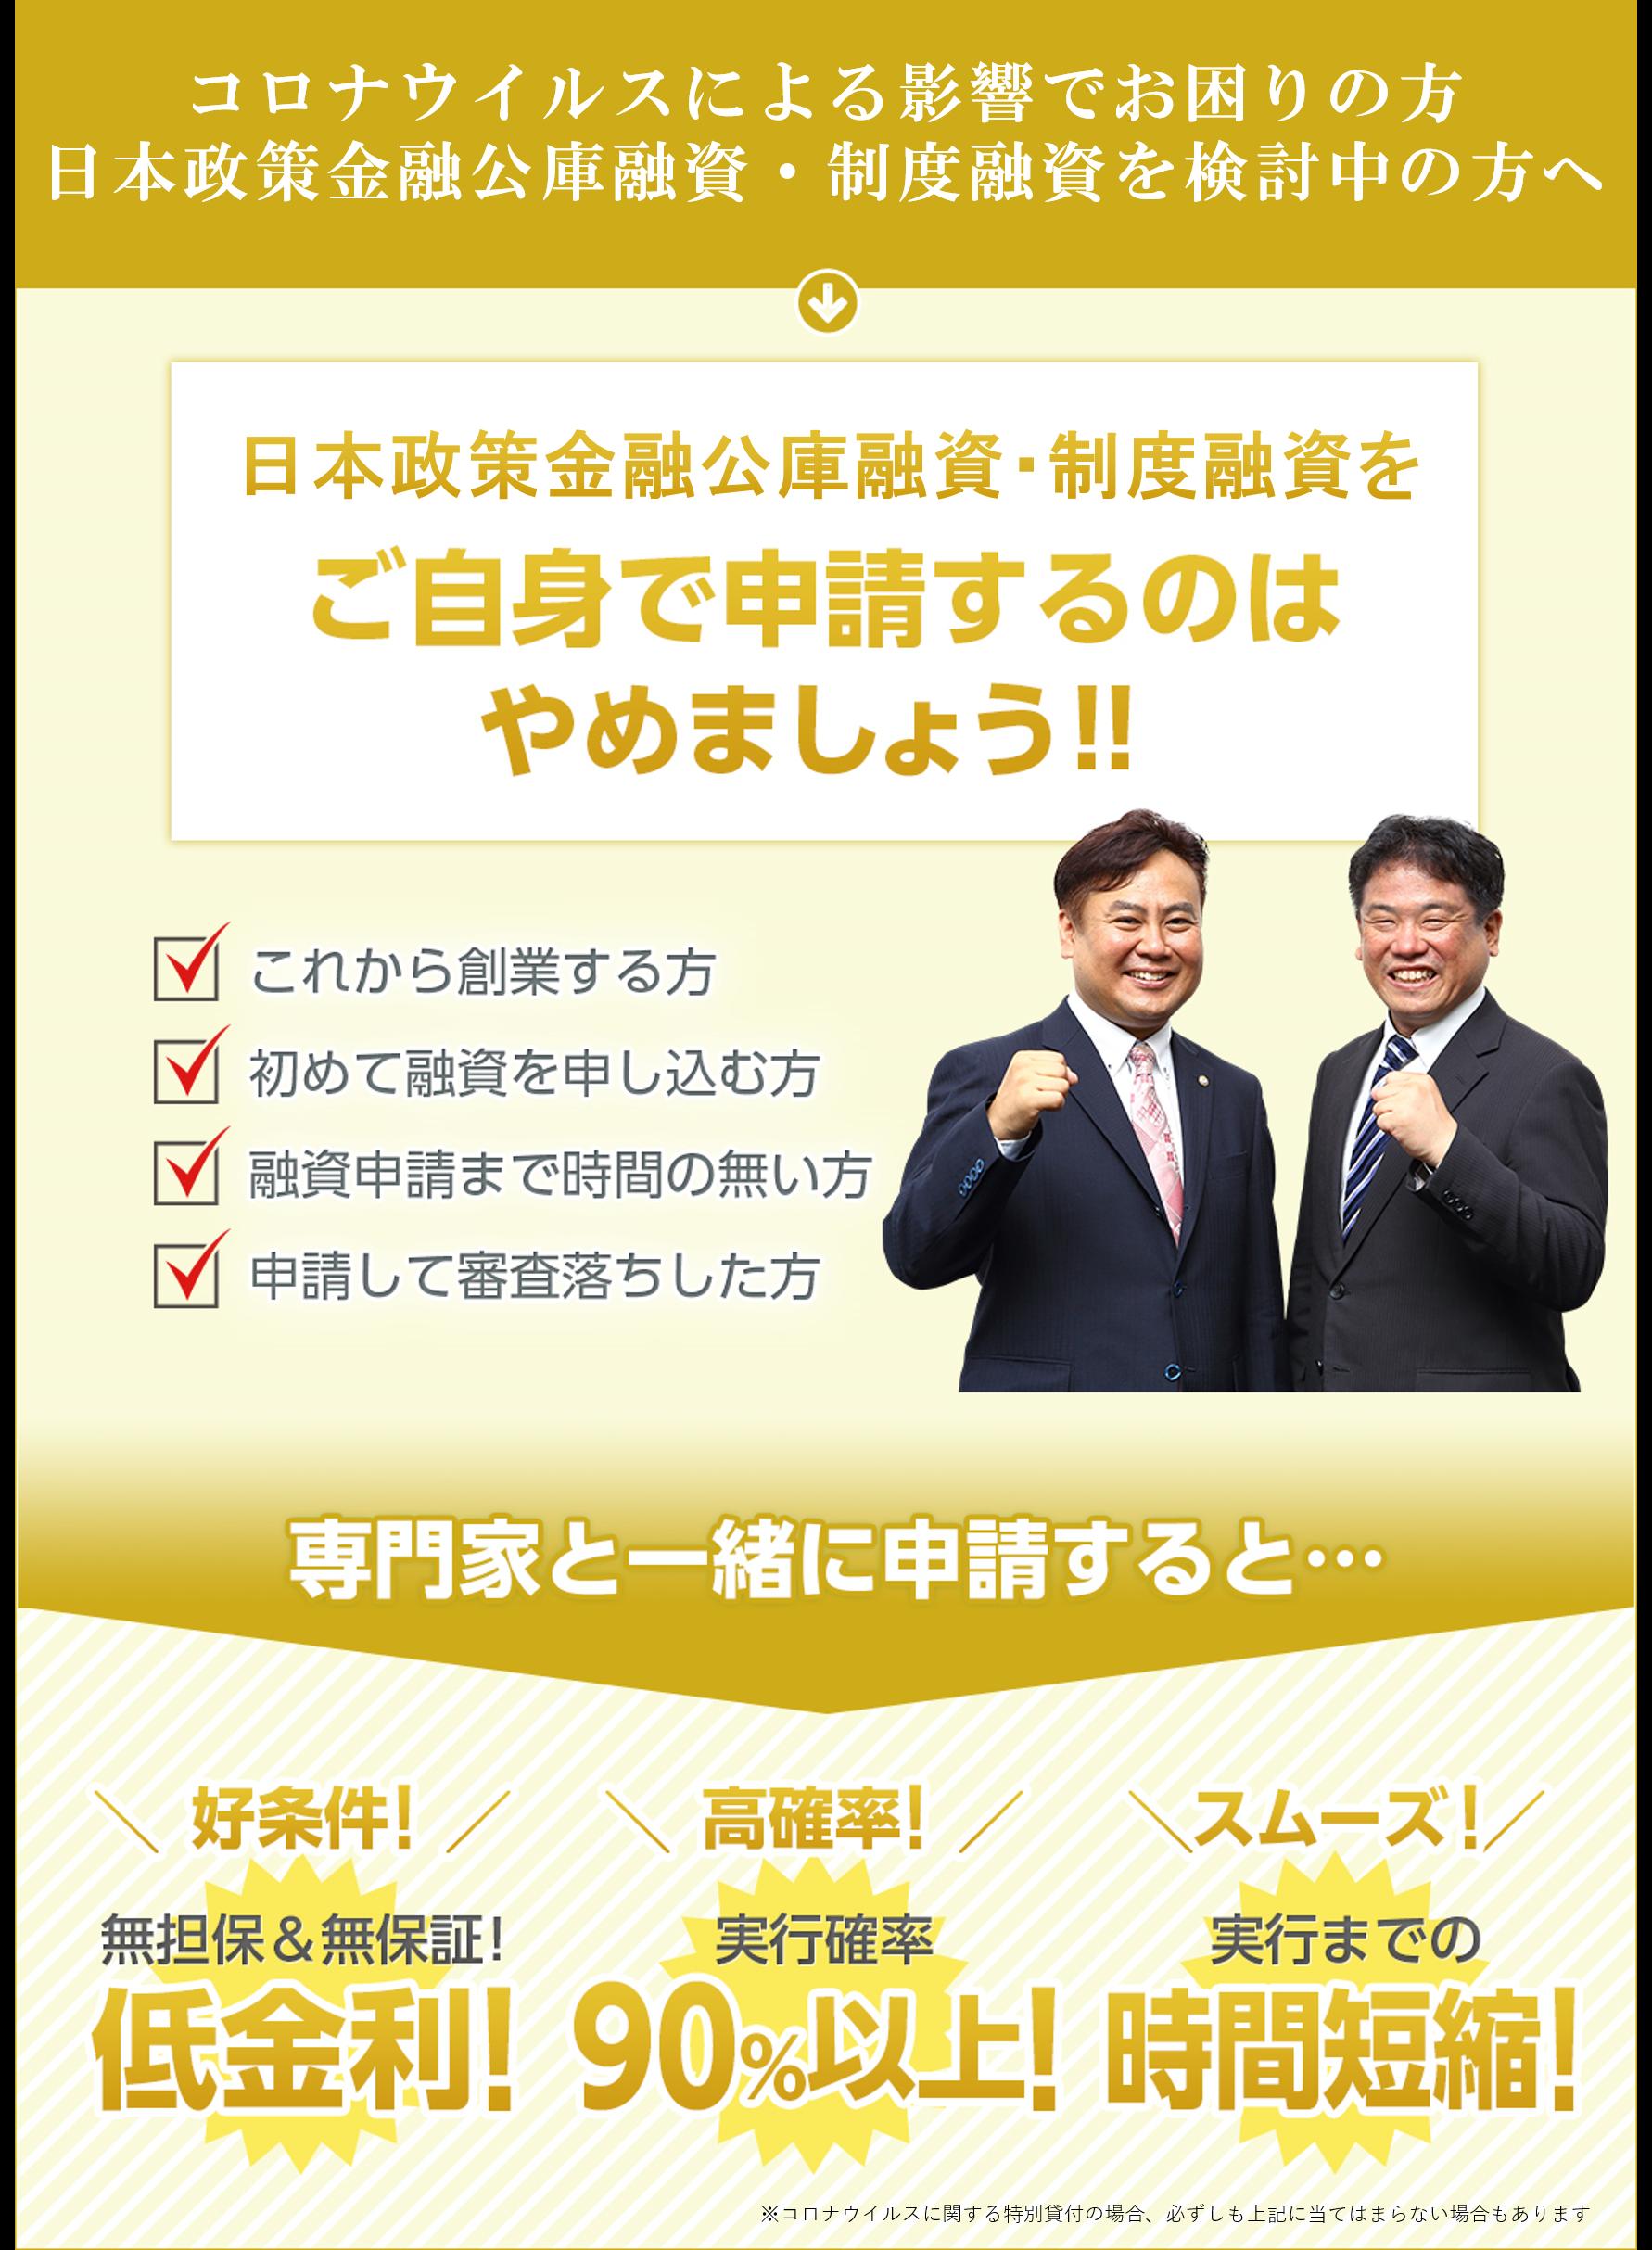 日本 政策 金融 公庫 融資 コロナ